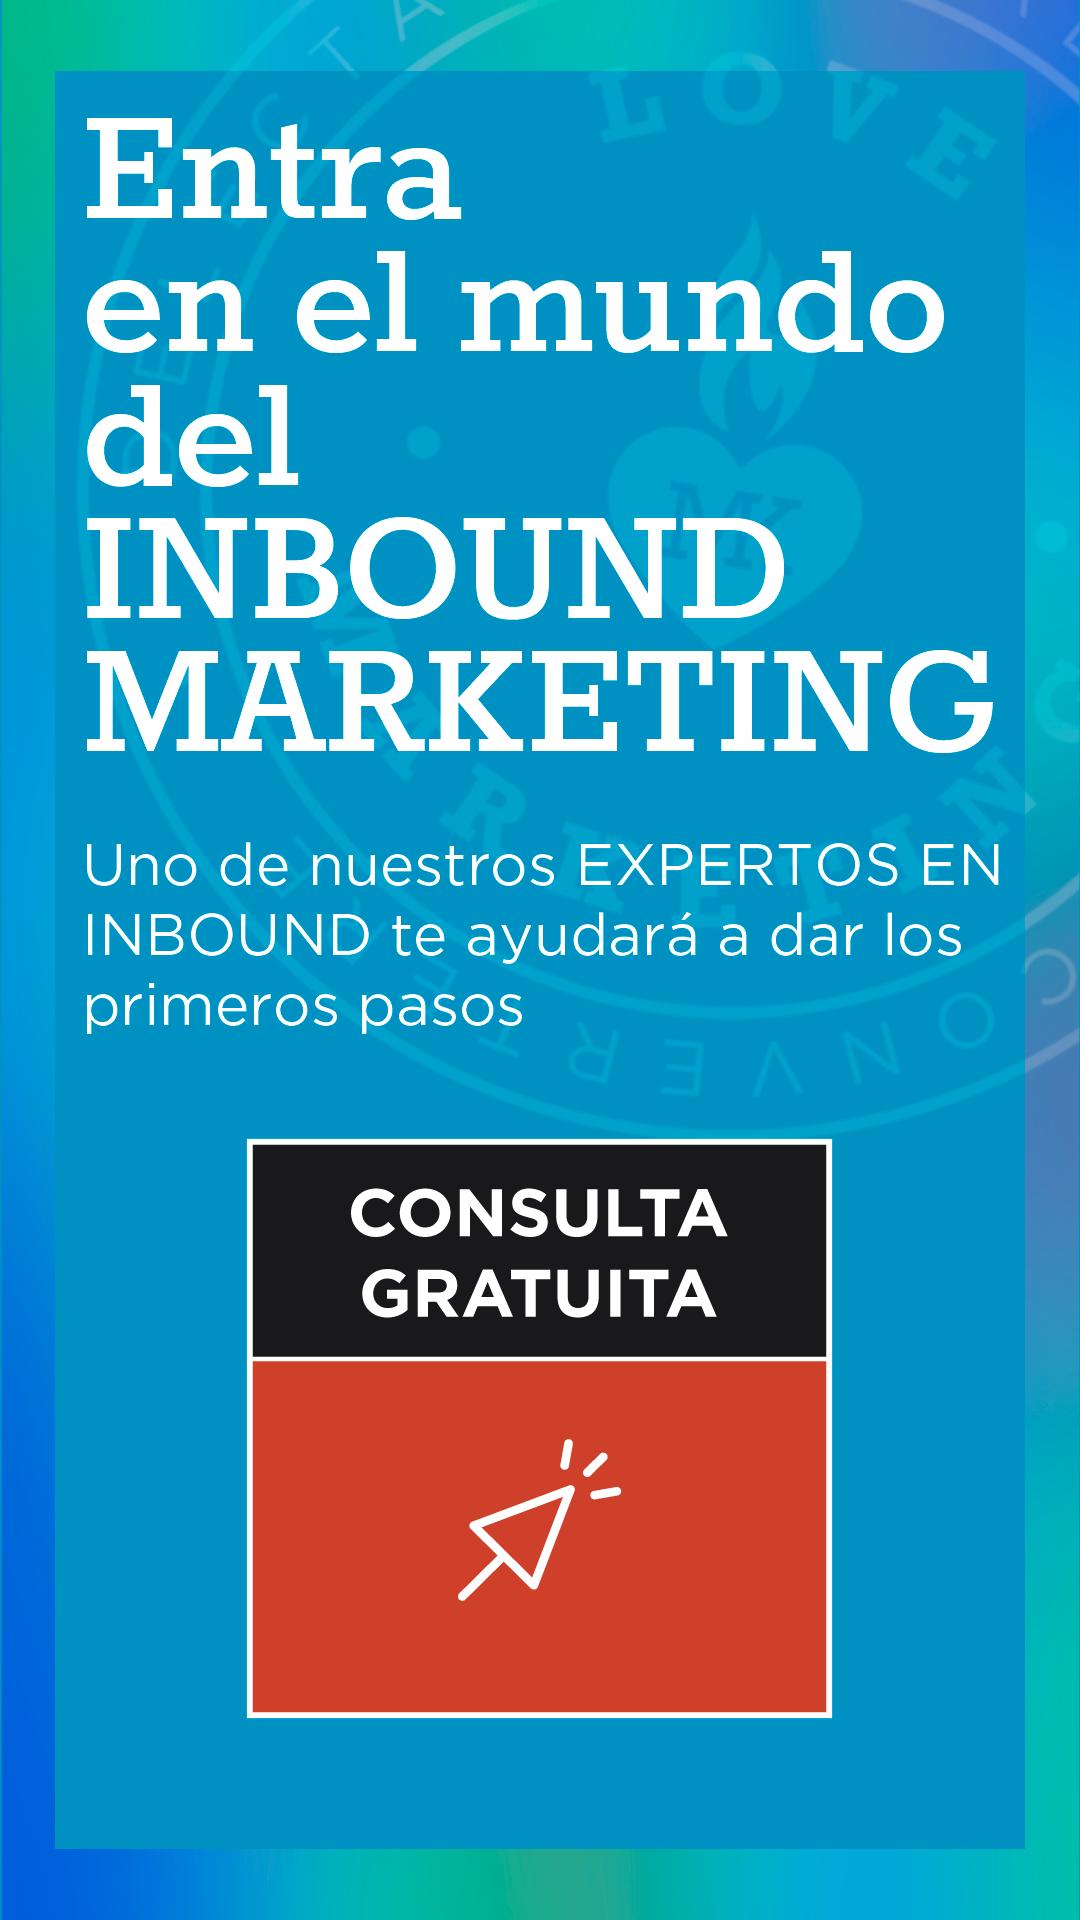 Contacta con un experto en Inbound Marketing